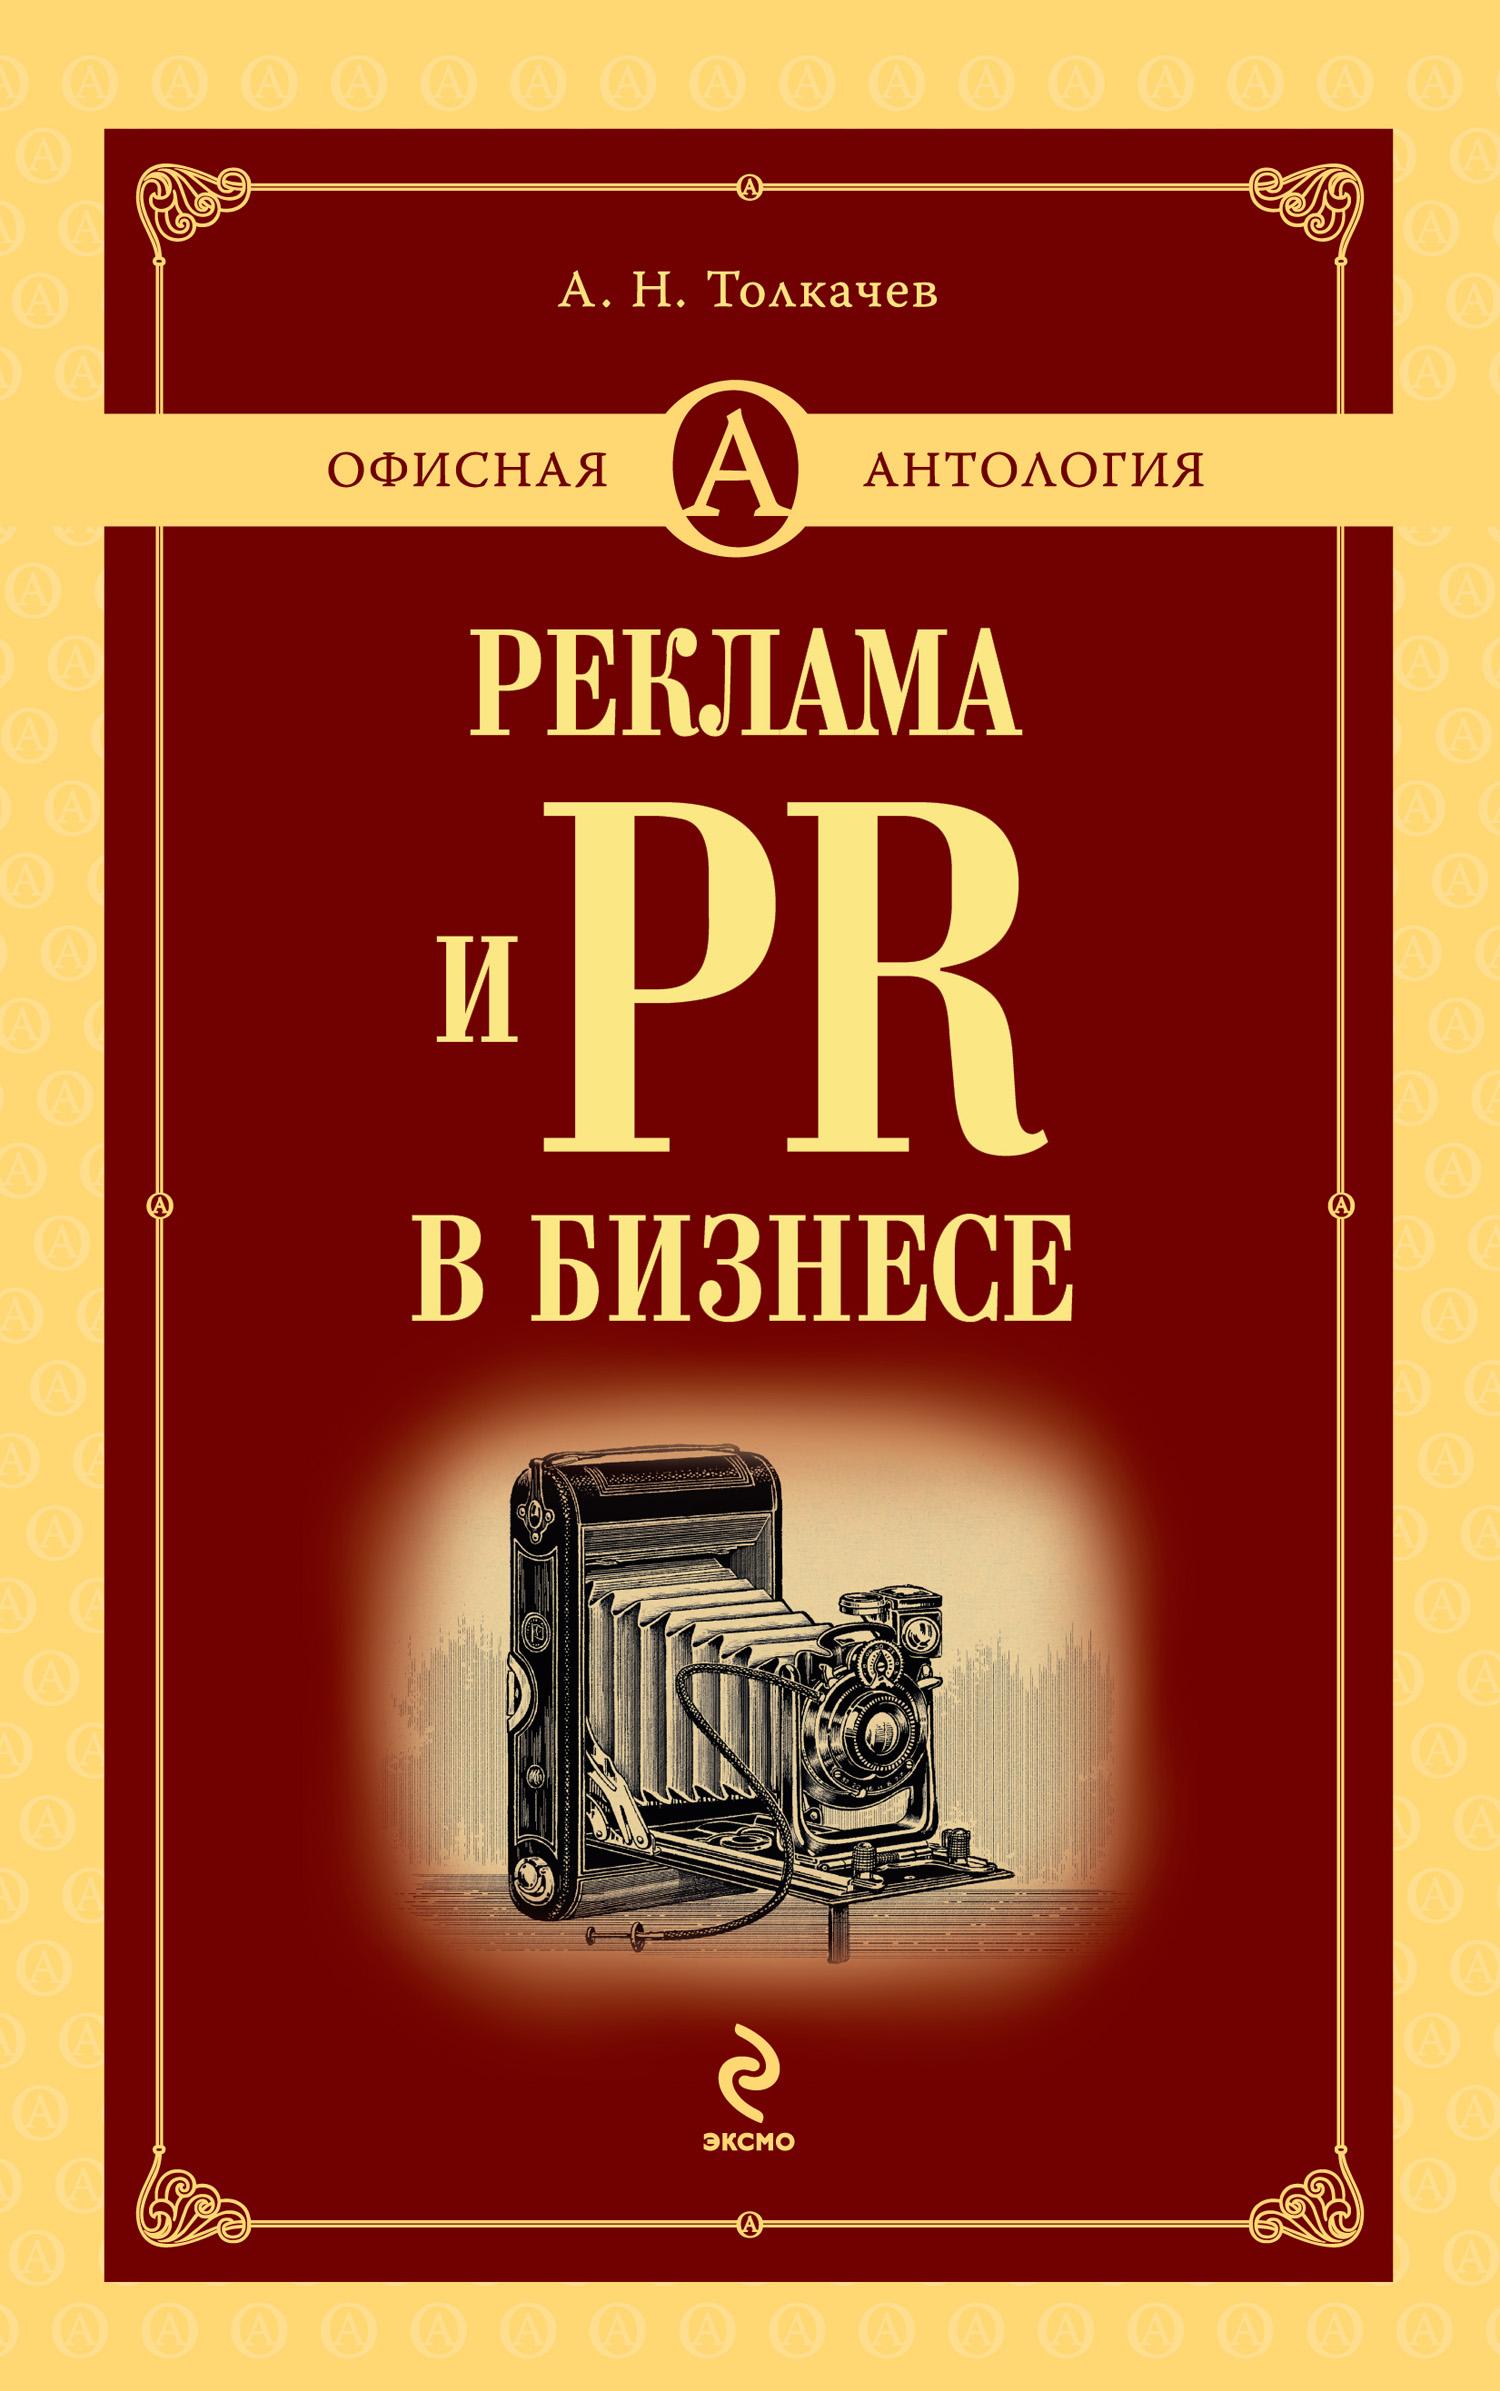 Фото - А. Н. Толкачев Реклама и PR в бизнесе а н толкачев …организуя pr своего бизнеса